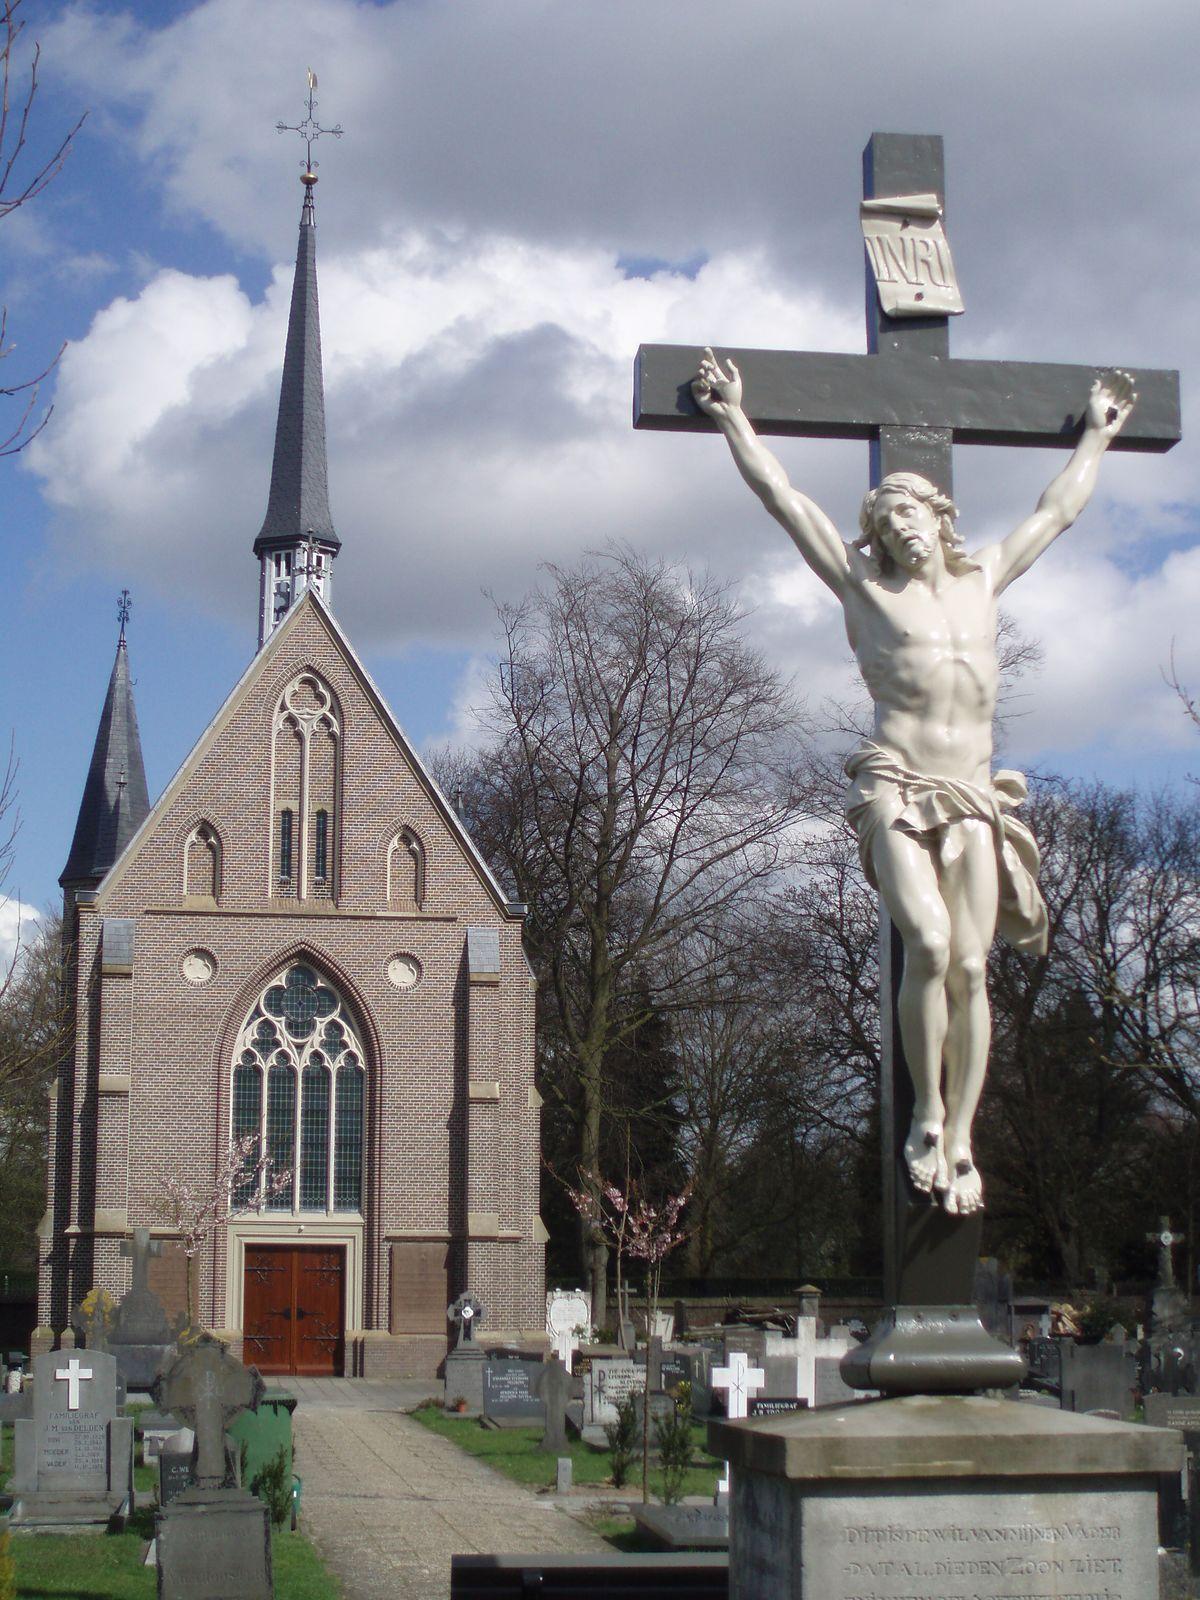 صورة صور دينيه مسيحيه , اجمل الصور المعبرة عن المسيحية 6396 8